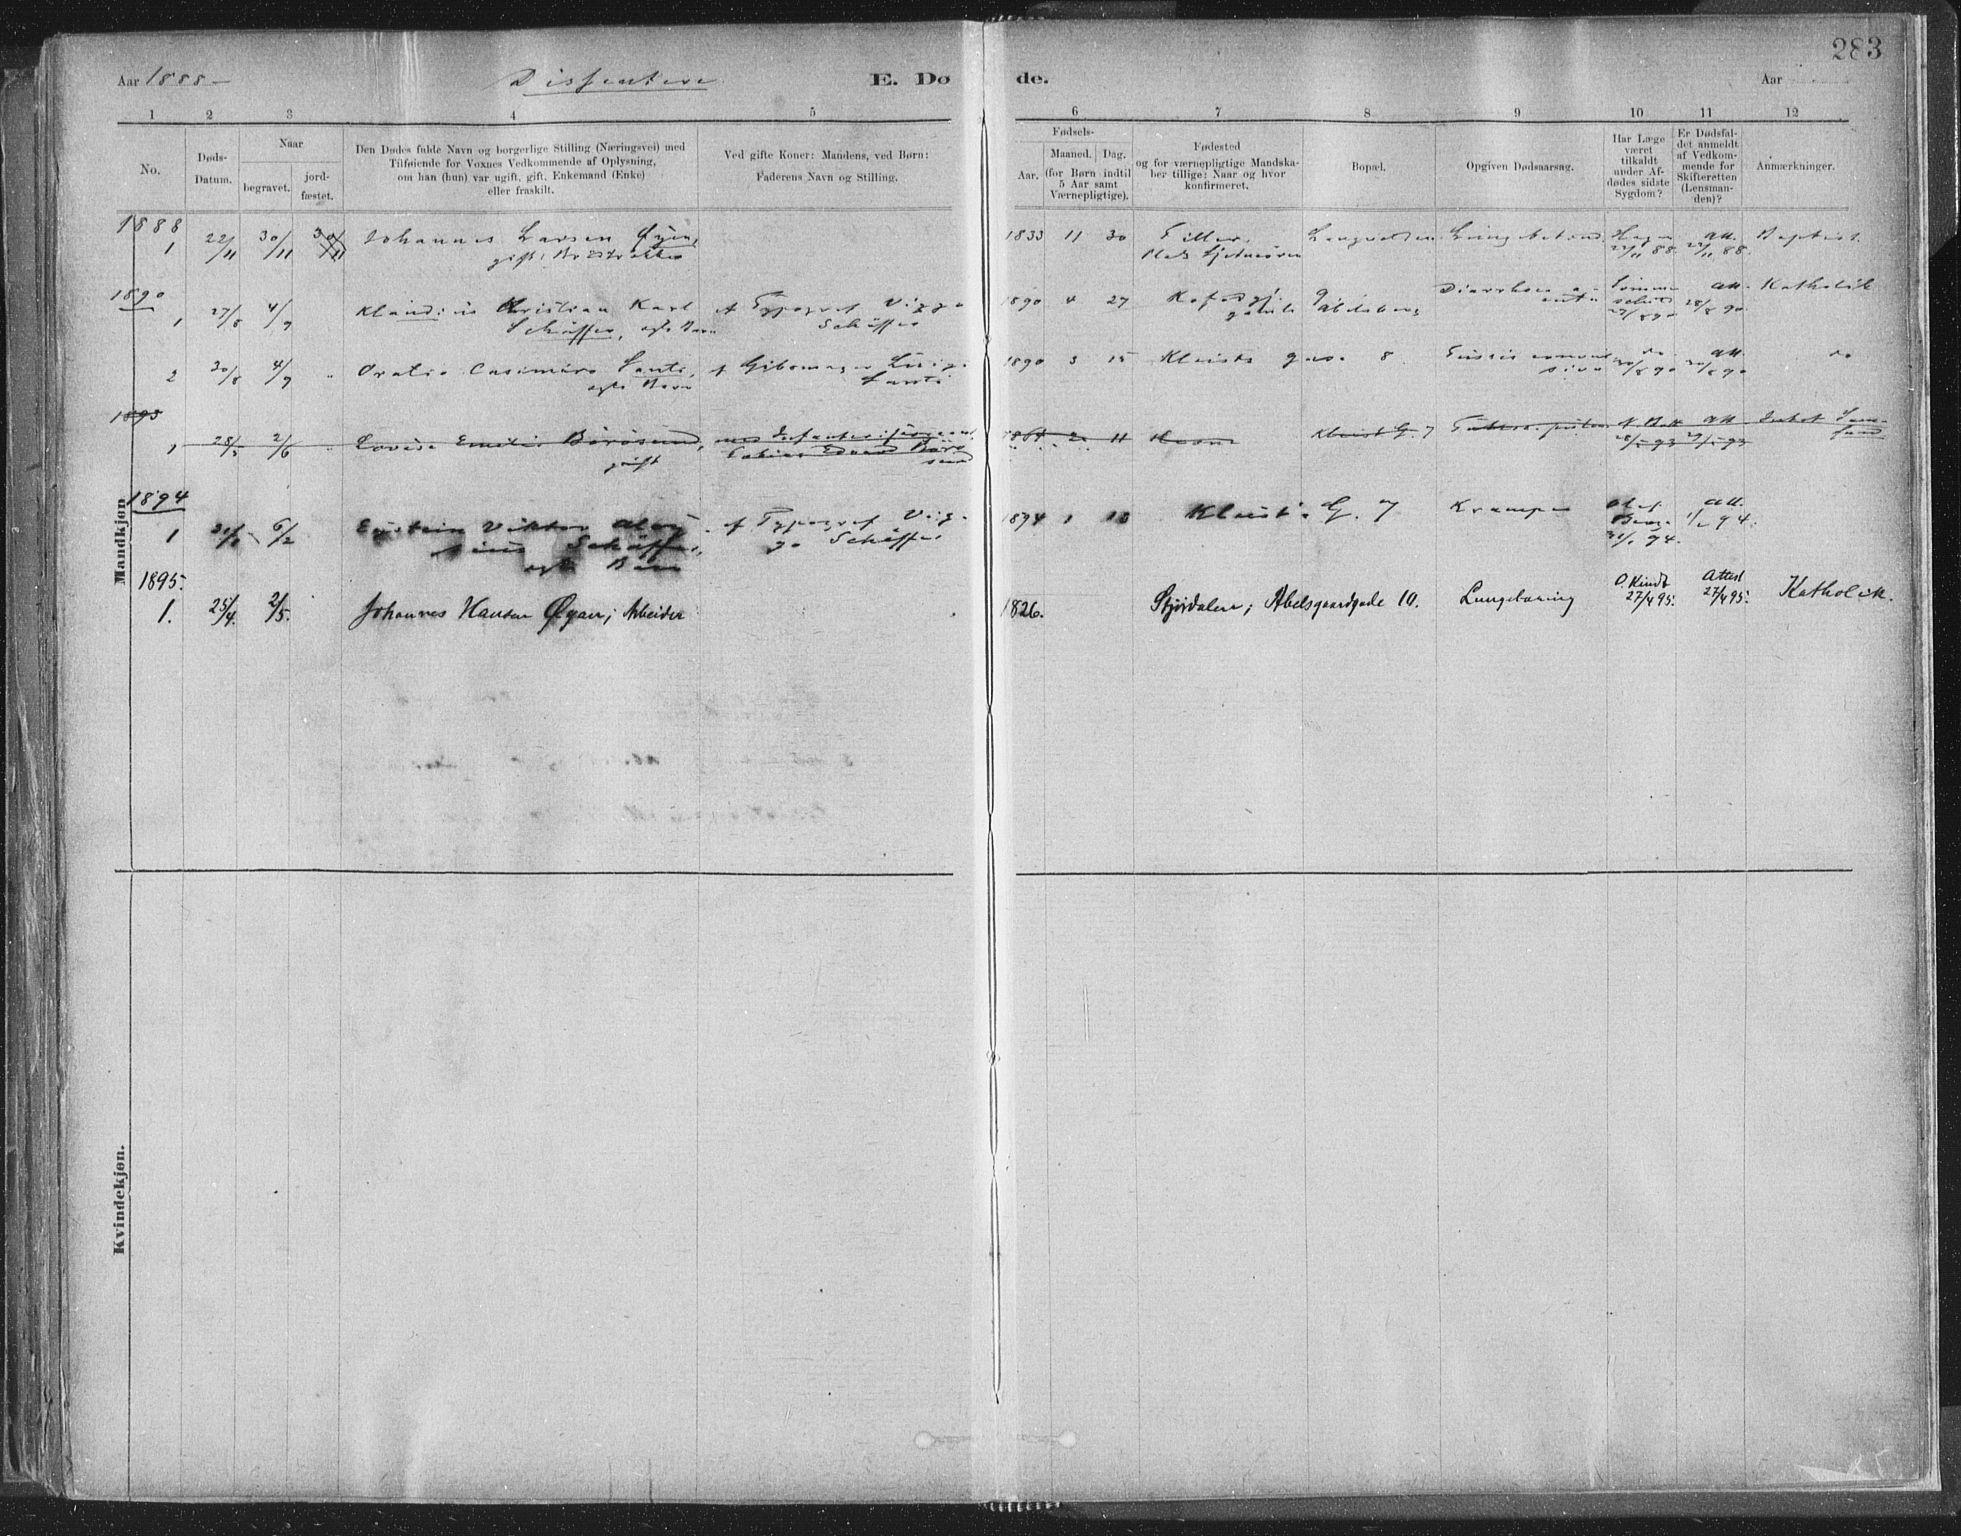 SAT, Ministerialprotokoller, klokkerbøker og fødselsregistre - Sør-Trøndelag, 603/L0162: Ministerialbok nr. 603A01, 1879-1895, s. 283